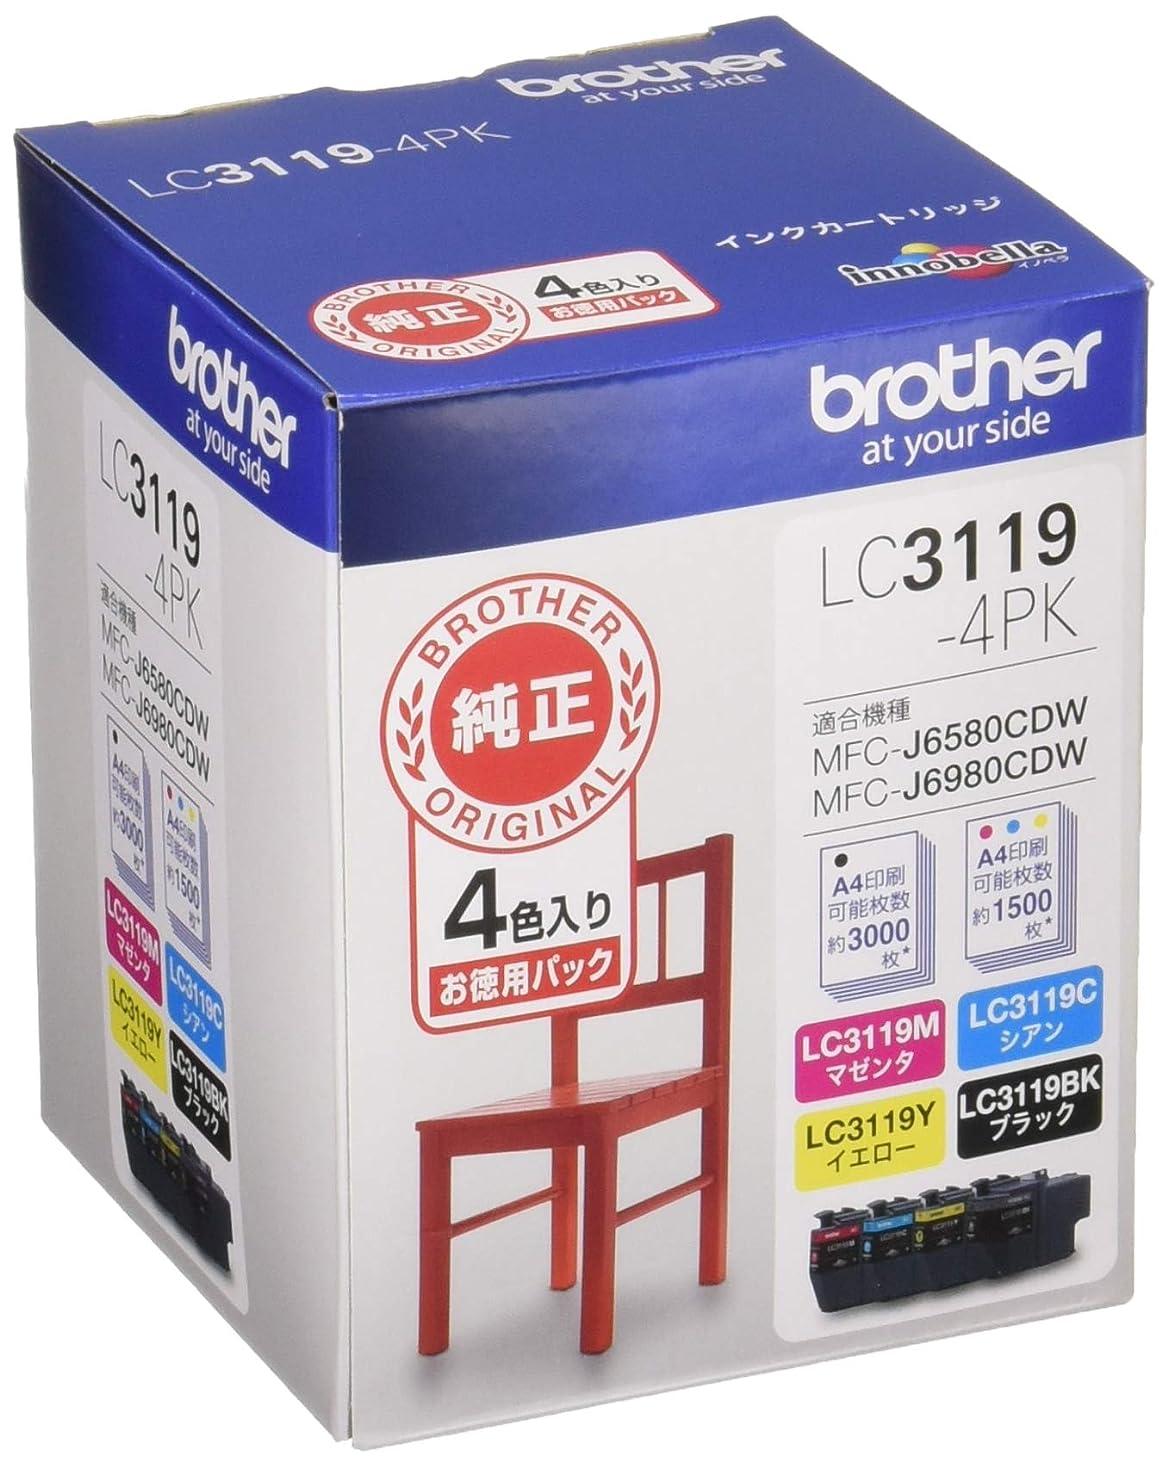 広げるもつれエンターテインメントbrother 純正インクカートリッジ大容量 4色パック LC3119-4PK